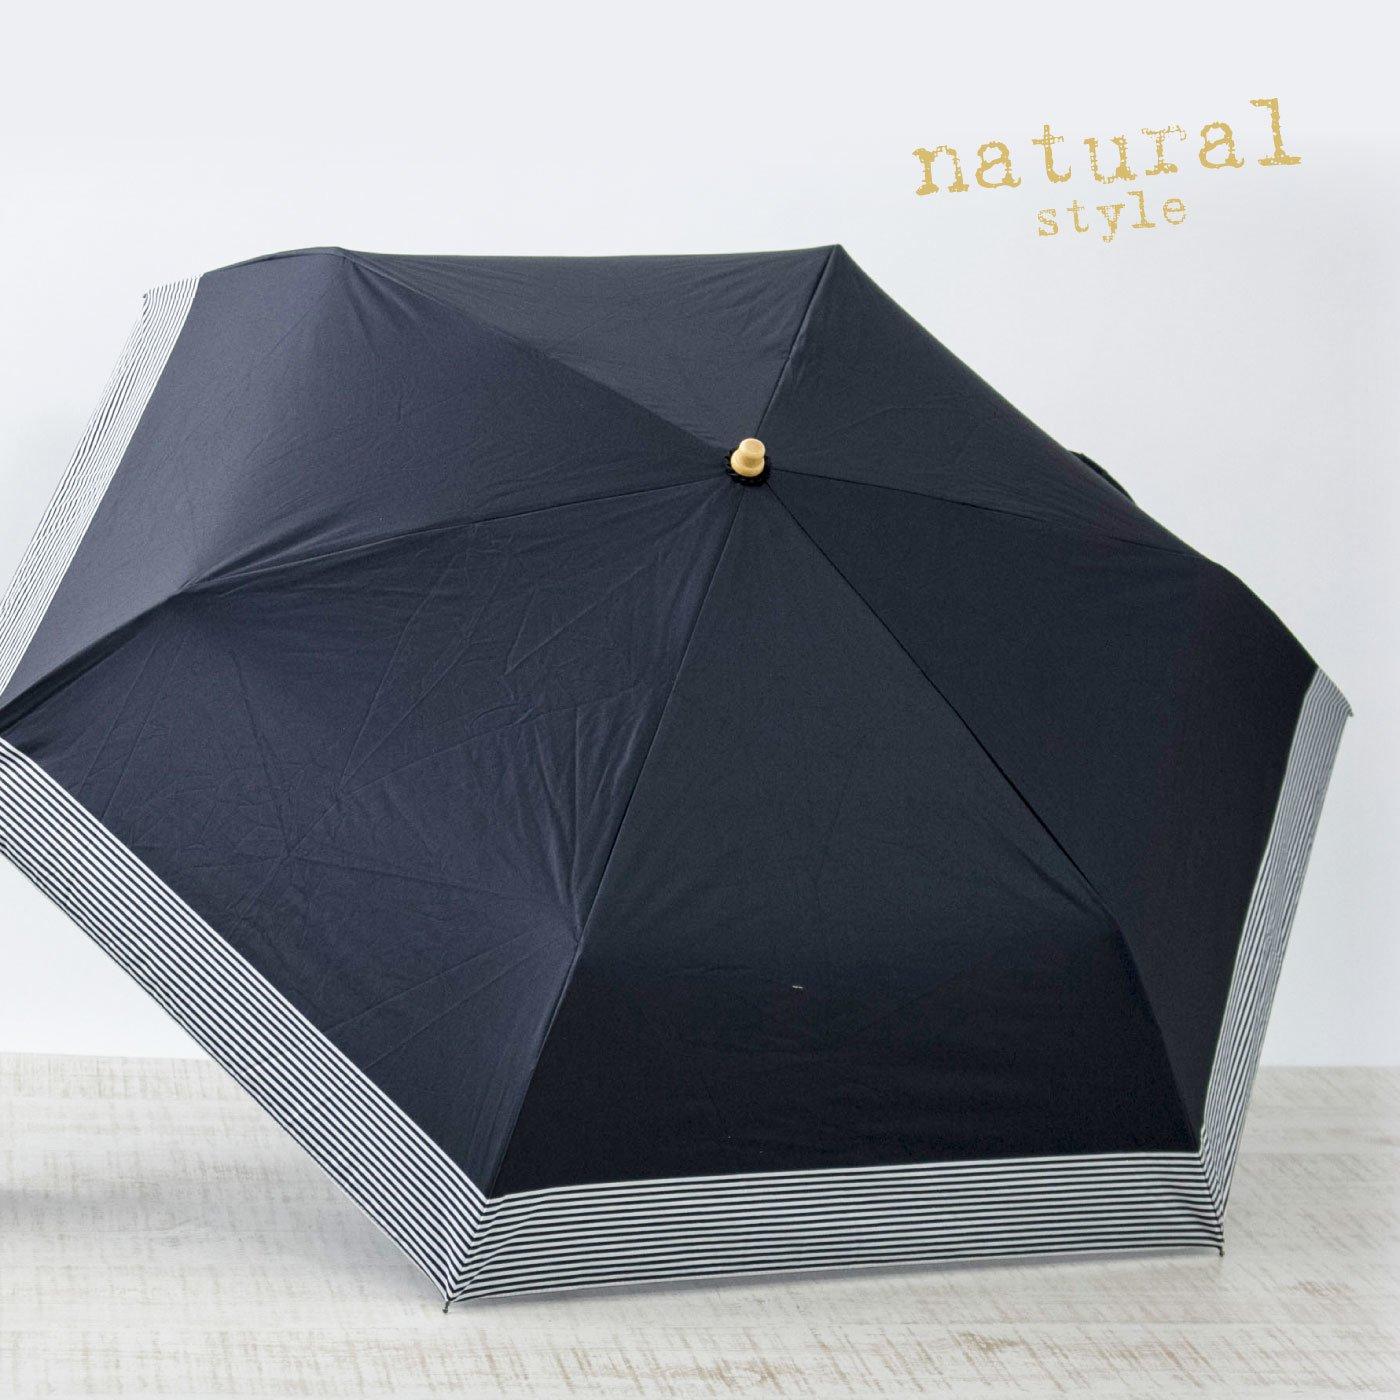 【特急便】どんなスタイルにもバッチリ 上品シンプル折りたたみ日傘